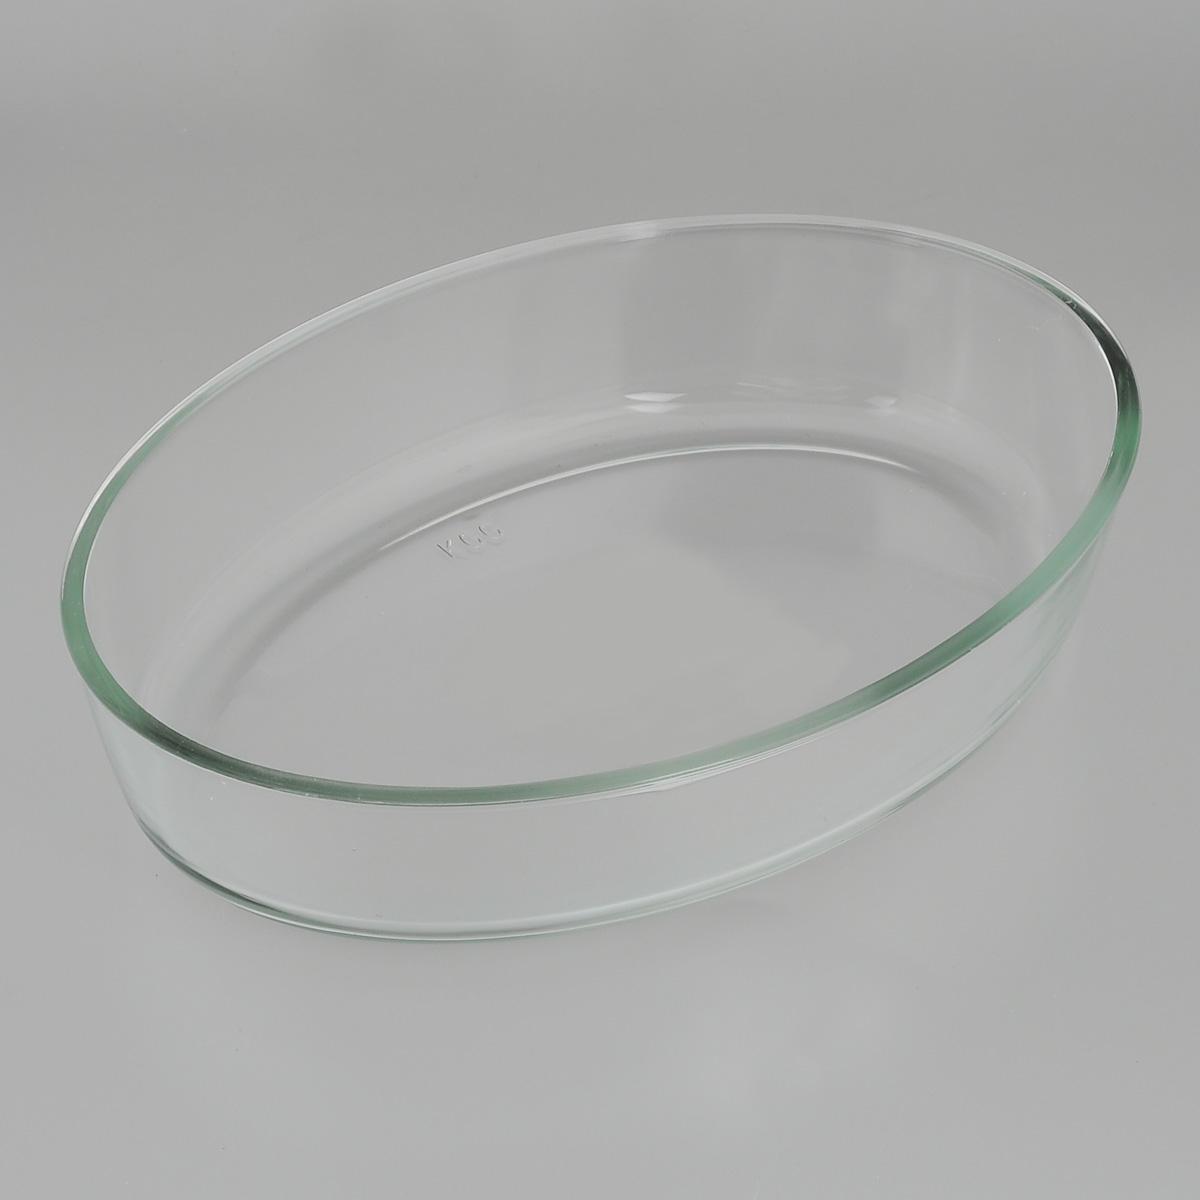 Форма для запекания Mijotex, овальная, 26 см х 18 смPL12Овальная форма для запекания Mijotex изготовлена из жаропрочного стекла, которое выдерживает температуру до +450°С. Форма предназначена для приготовления горячих блюд. Материал изделия гигиеничен, прост в уходе и обладает высокой степенью прочности.Форма идеально подходит для использования в духовках, микроволновых печах, холодильниках и морозильных камерах. Также ее можно использовать на газовых плитах (на слабом огне) и на электроплитах. Можно мыть в посудомоечной машине. Размер формы (по верхнему краю): 26 см х 18 см. Высота стенки формы: 6 см.